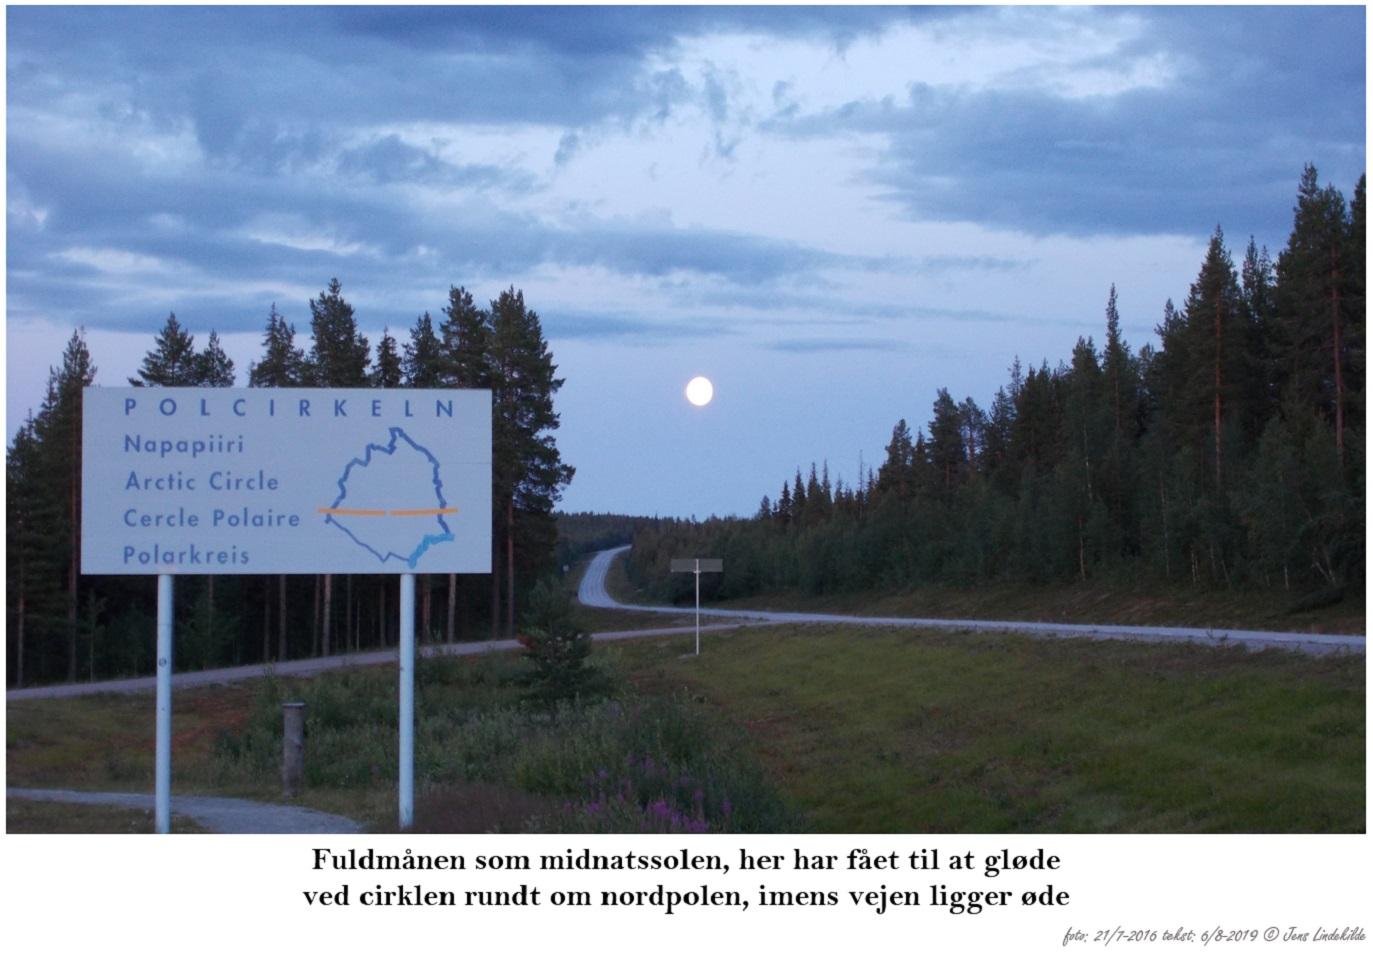 Fuldmånen-som-midnatssolen